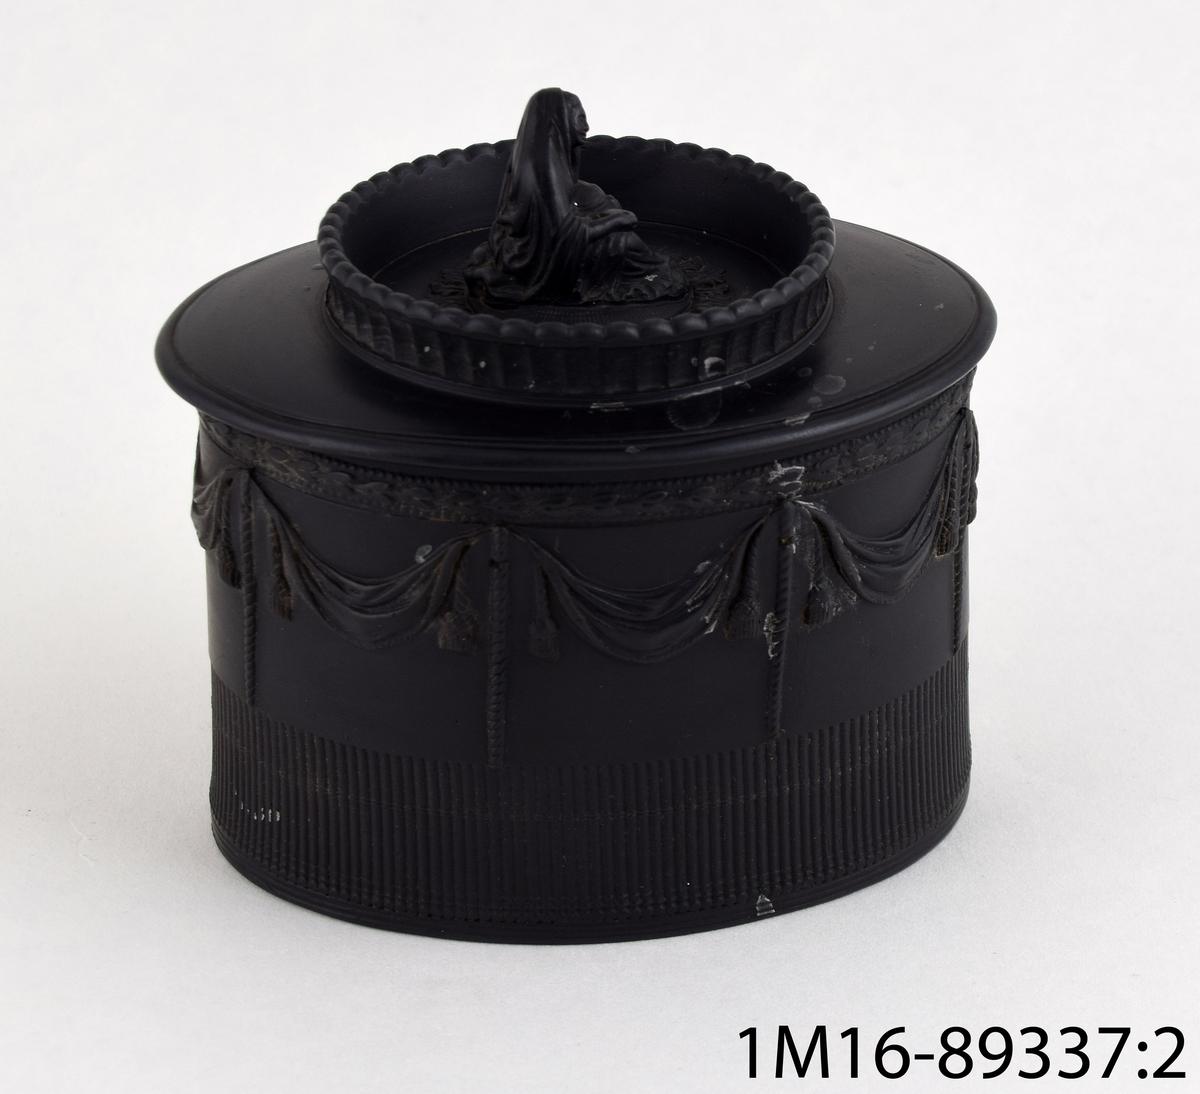 """Sockerskål av basaltware, det vill säga oglaserat svart stengods av engelsk tillverkning. Det tillhörande locket har en knopp i form av en sittande kvinna iförd slöja, formen kallas """"widow shape""""; det föreställer en änka. Dekoren är detaljerad och inspirerad av antika original. Troligen tillverkad av Neale & Co., Hanley, Staffordshire, England."""